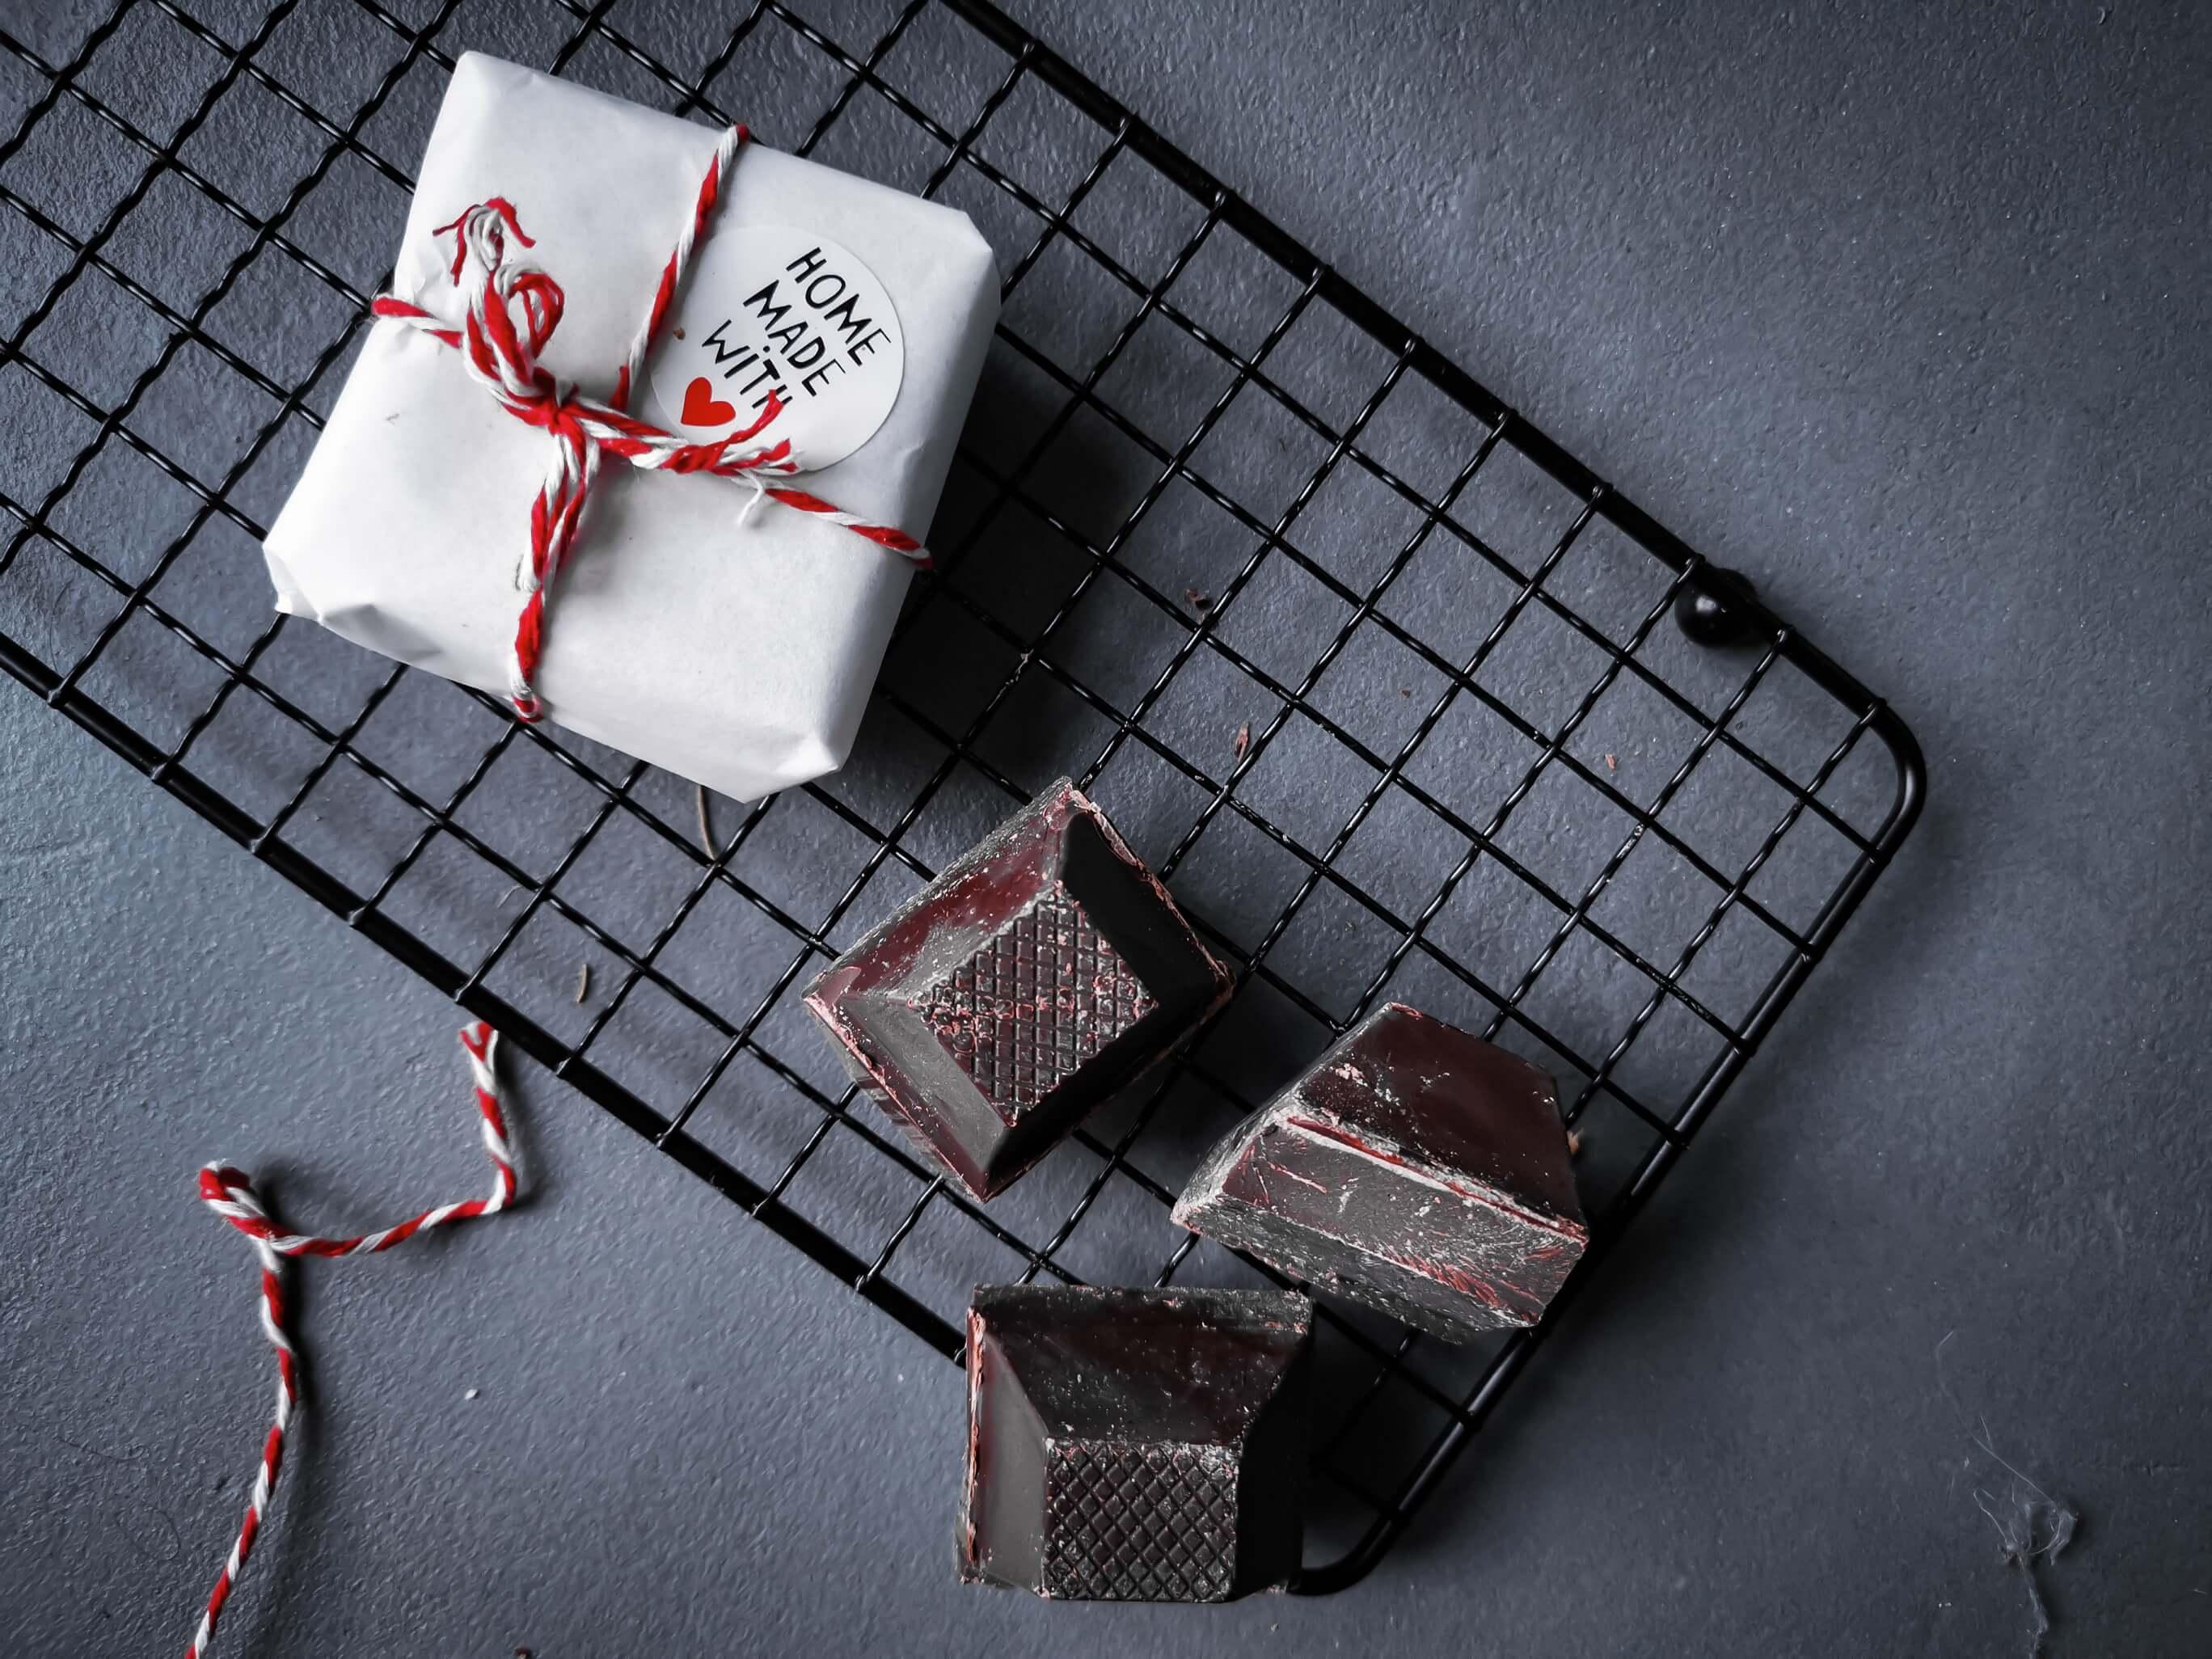 IMG 20191117 143826 resized 20191117 061512820 - Darčeky z kuchyne - darujte chuť Vianoc!